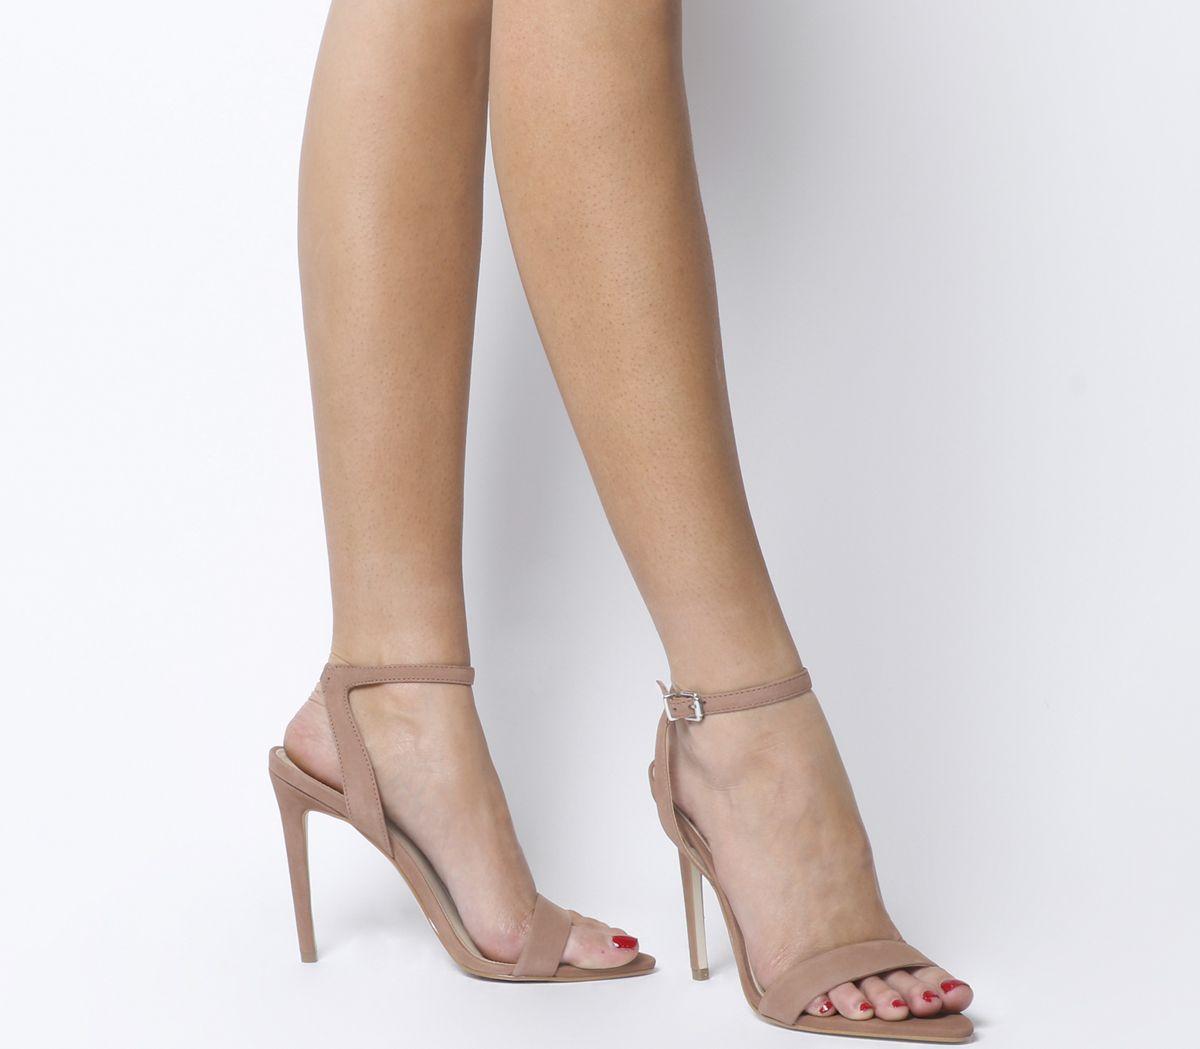 cc315526519 Office Hemlock Two Part Pointed Sandal Heels Dark Nude Nubuck - High ...